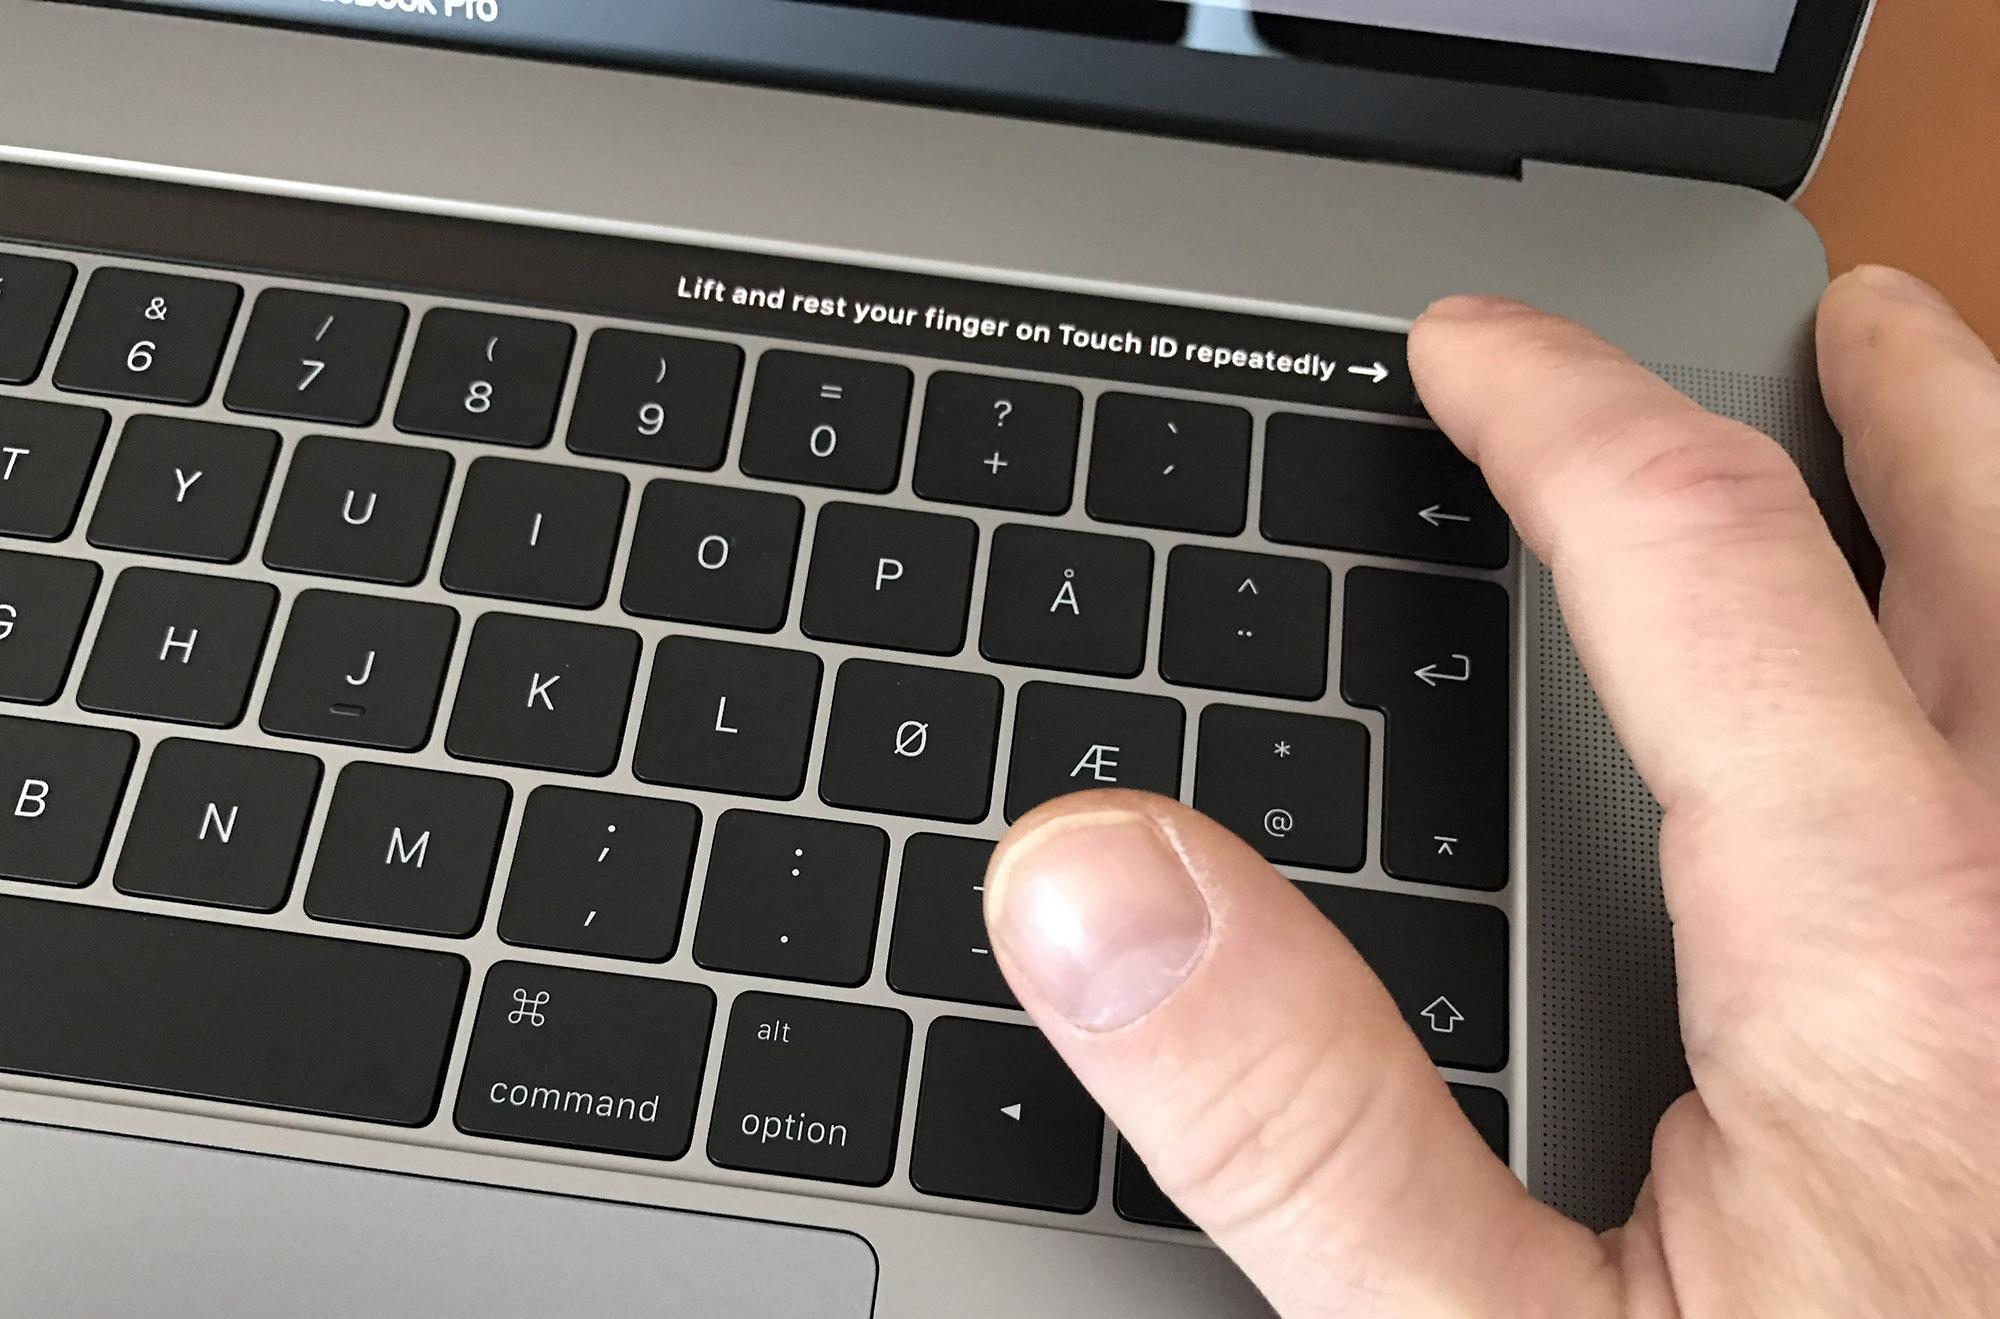 Inloggning och betalning med fingeravtryck.